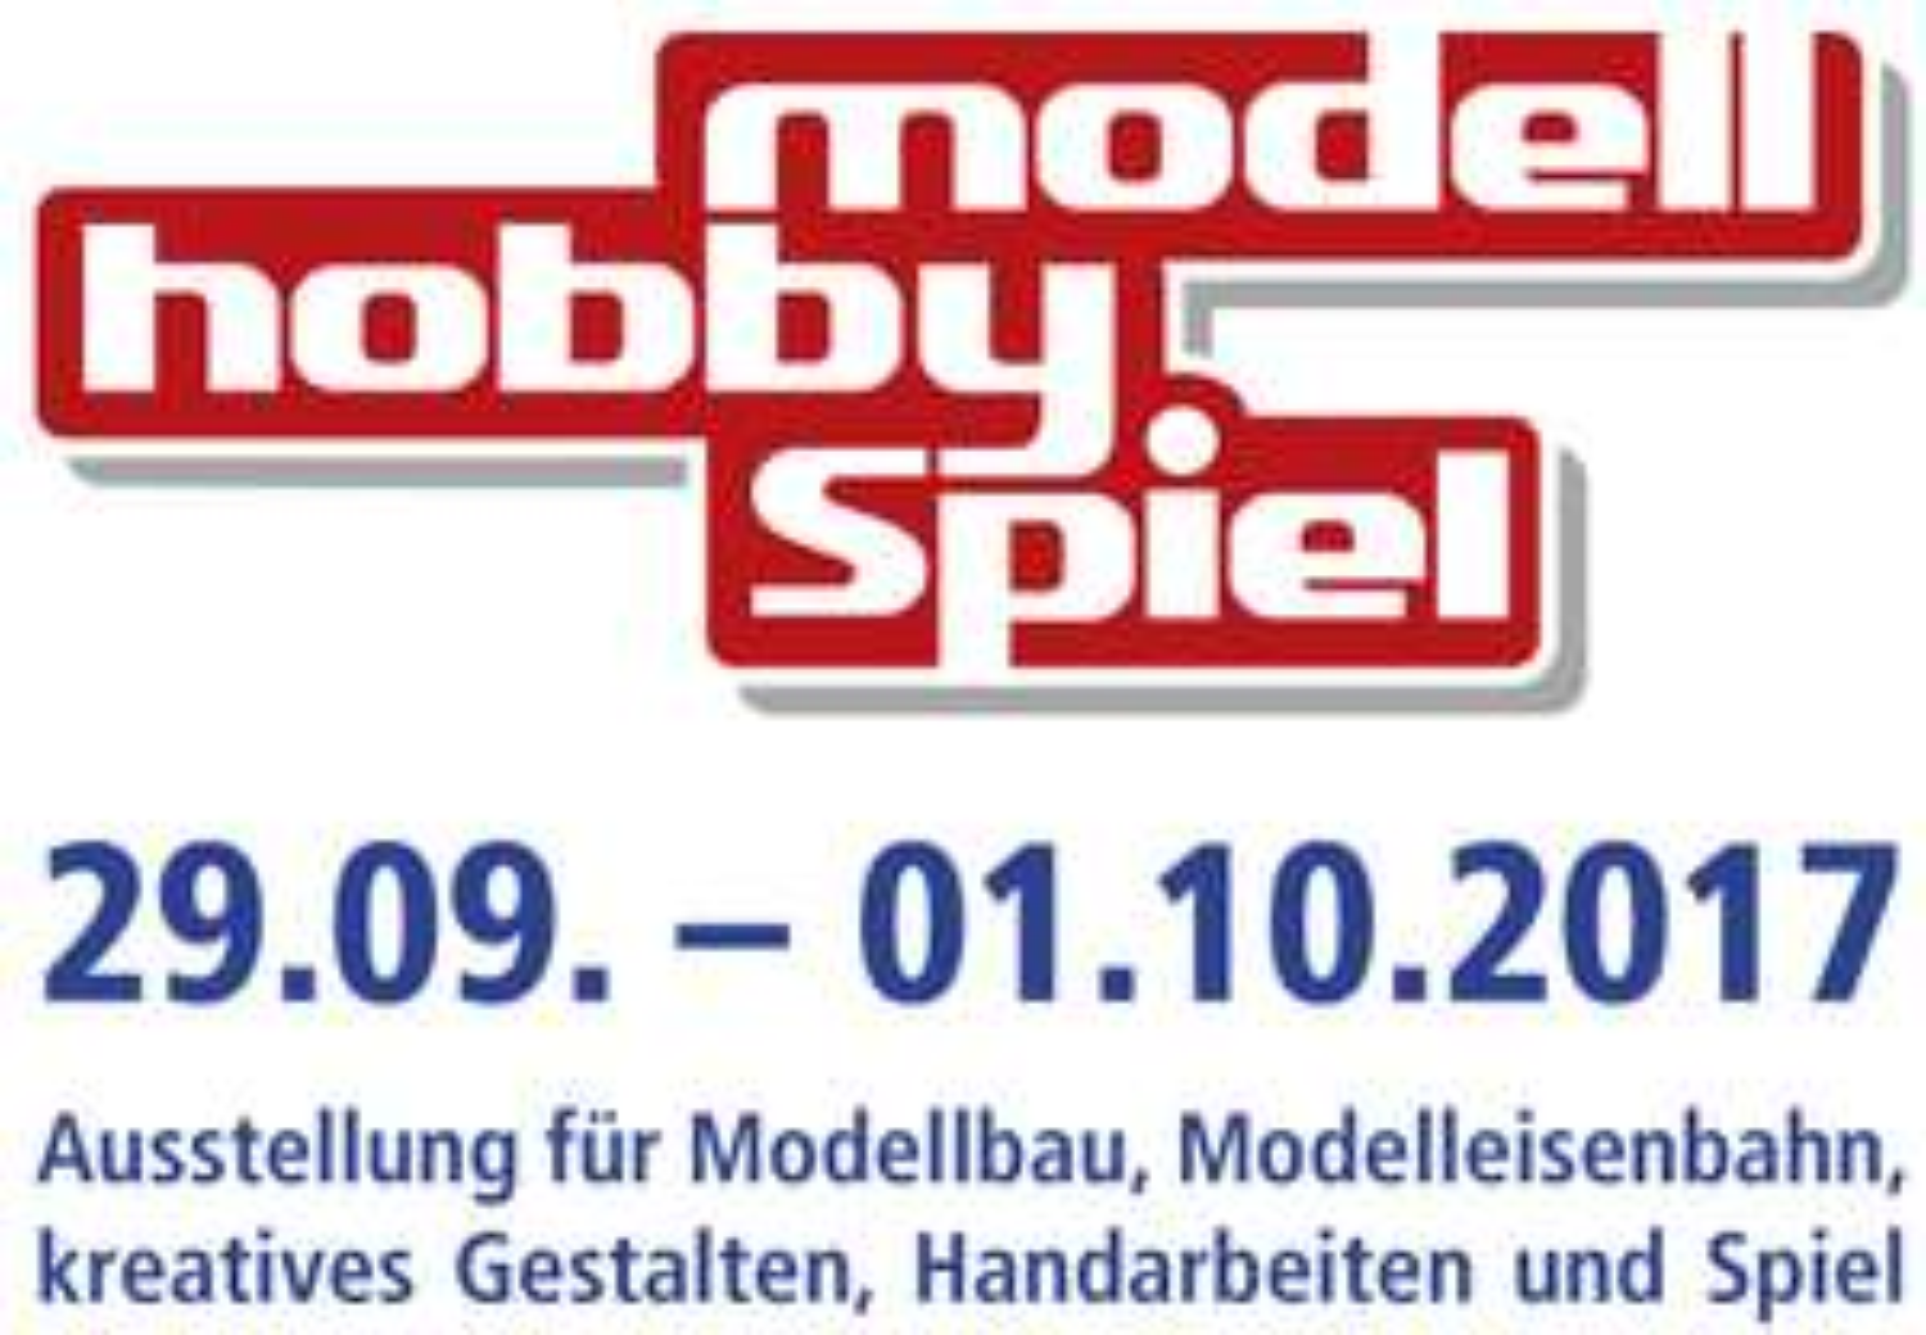 [lokal - Leipzig] 22. modell-hobby-spiel: Promo Code für 9,90€ Eintritt via Online-Ticket